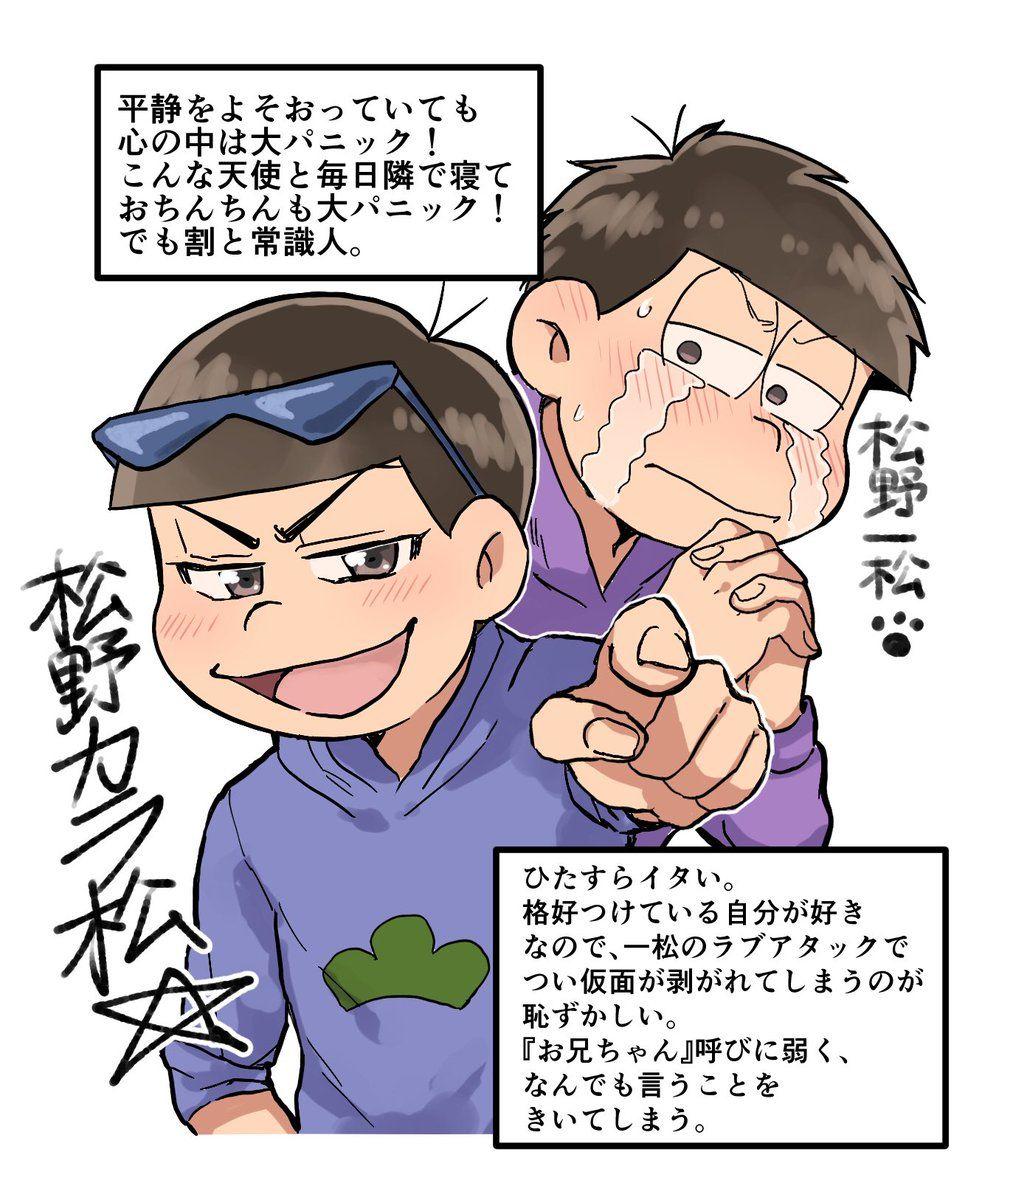 もりお morio syota さんの漫画 46作目 ツイコミ 仮 おそ松さん マンガ 一松 漫画